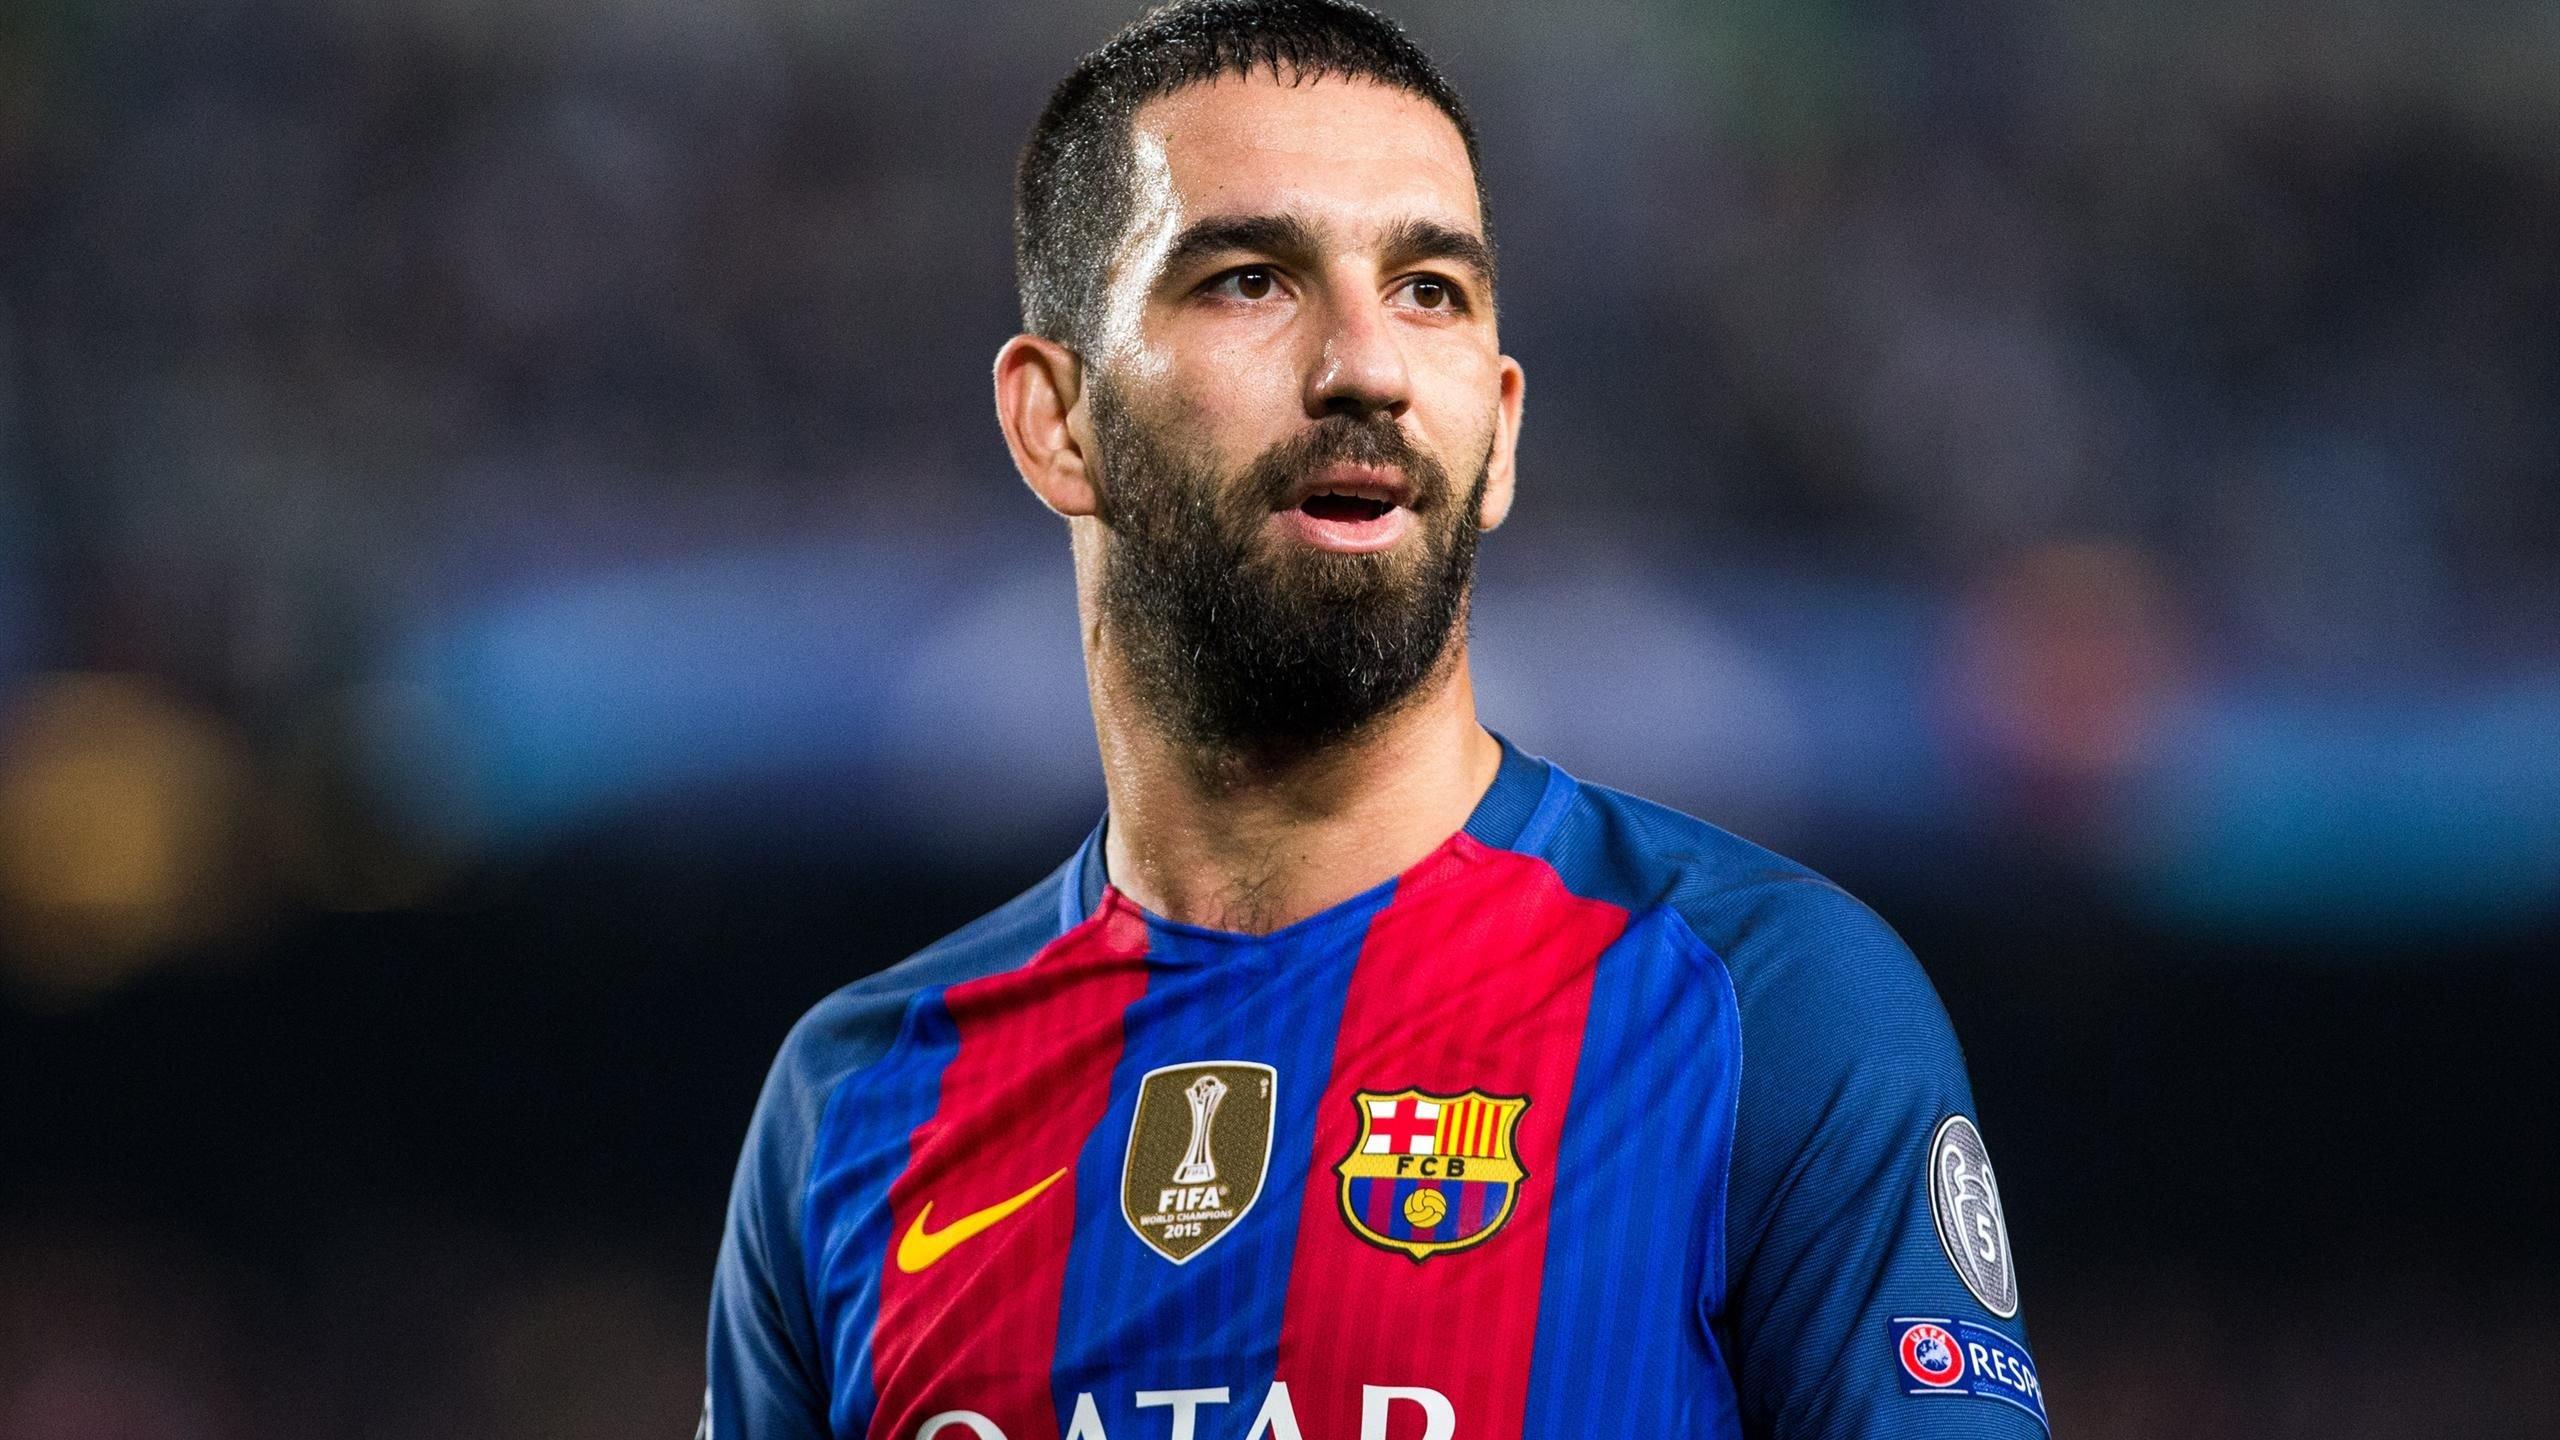 İspanyollar, Arda Turan - Beşiktaş transferini açıkladı